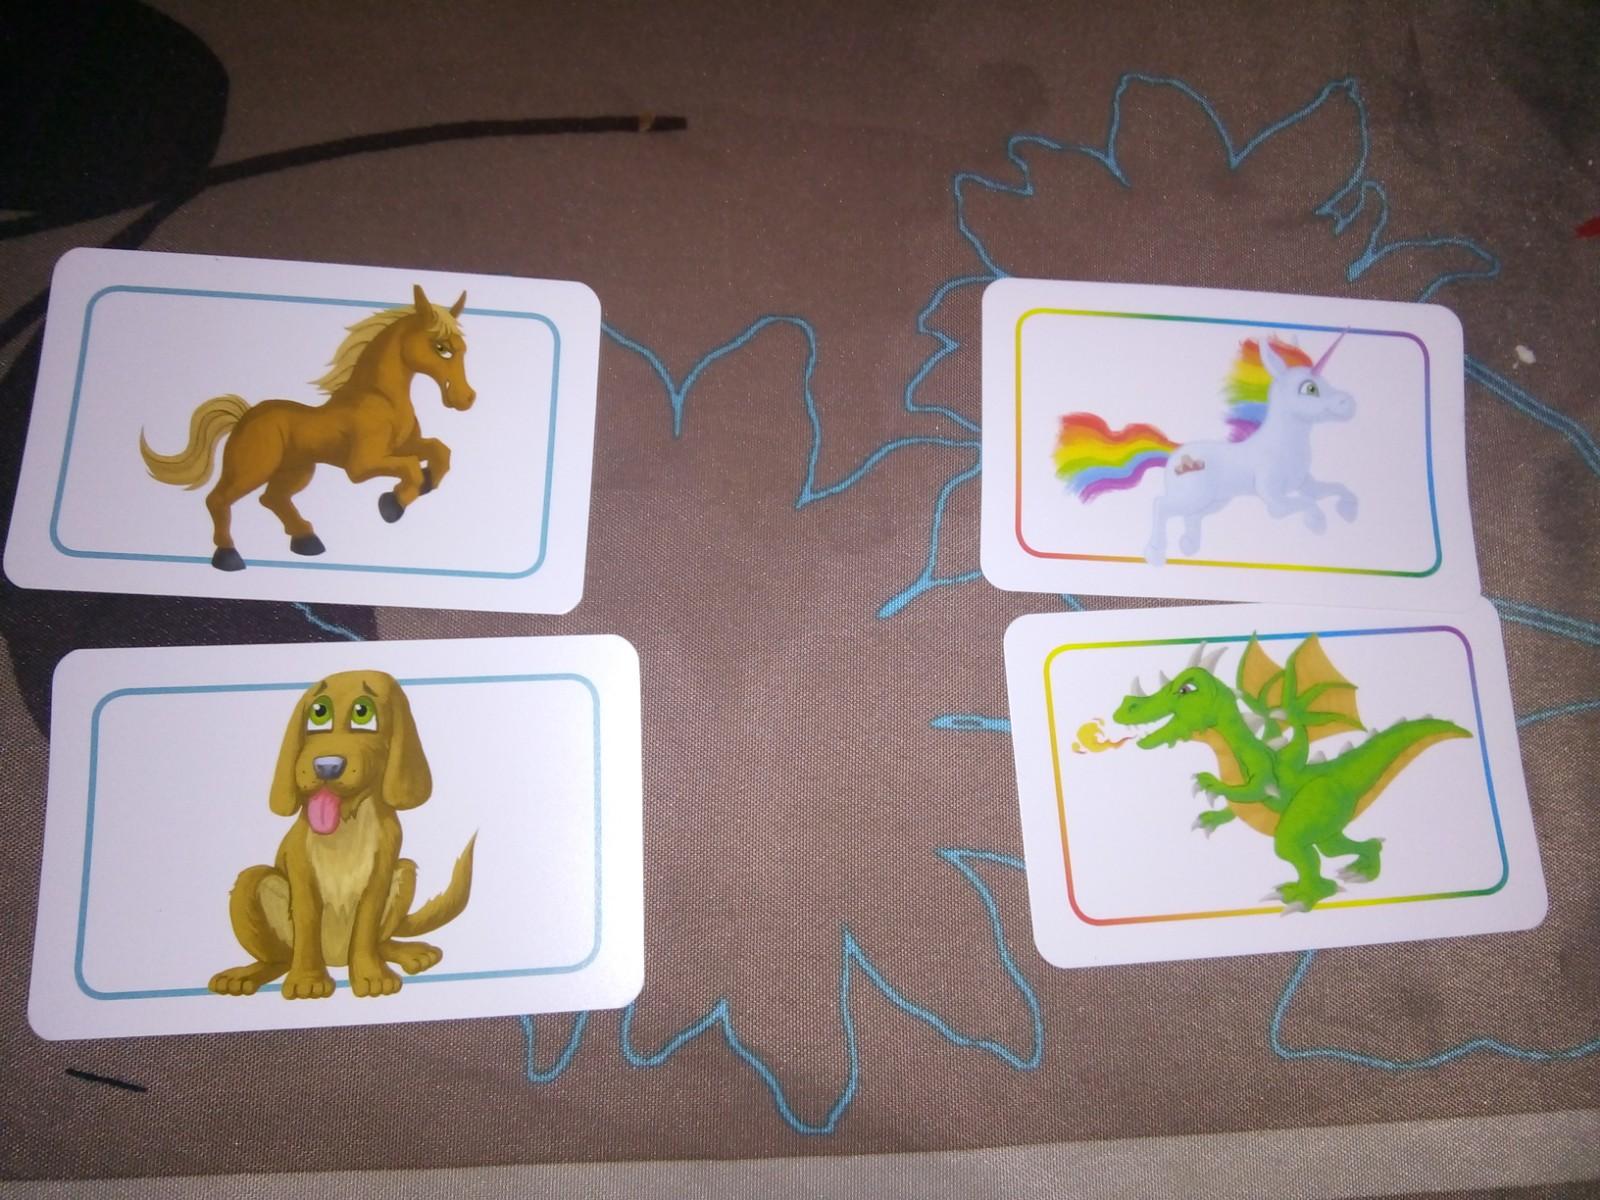 jouer-concept-kids jeu réflexion enfants